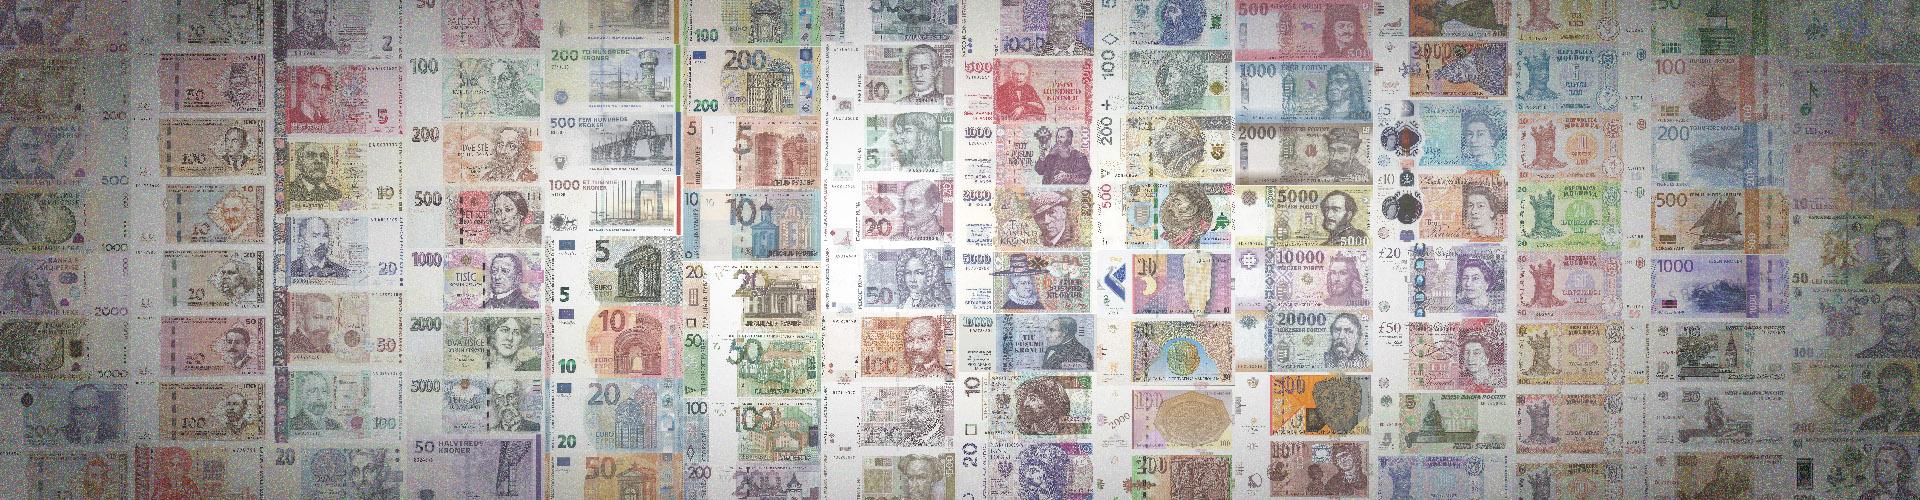 Európa pénzei